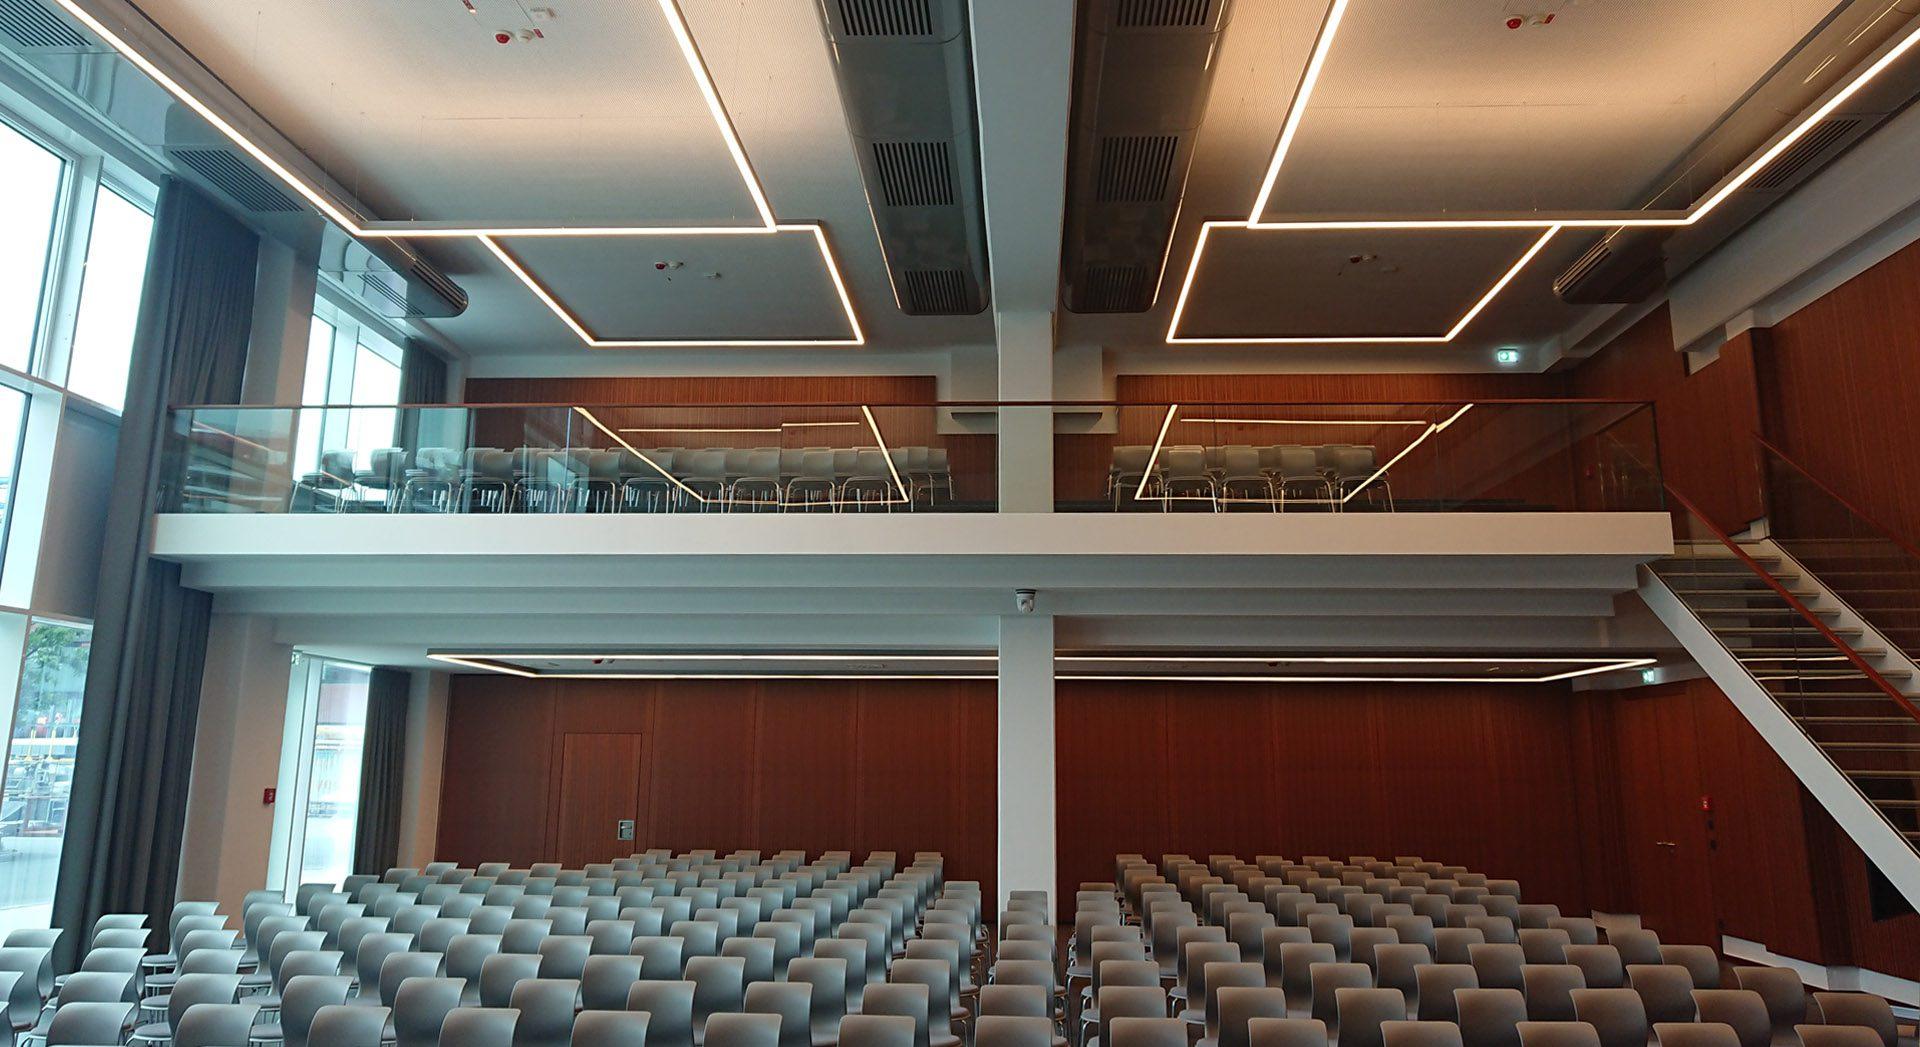 Gewerbearchitektur; Architektur; Innenarchitektur; Saal; Veranstaltung; Lichtkonzept; Tagung; Fortbildung; Hörsaal; Flötotto; Pro Chair; Meyer Werft;